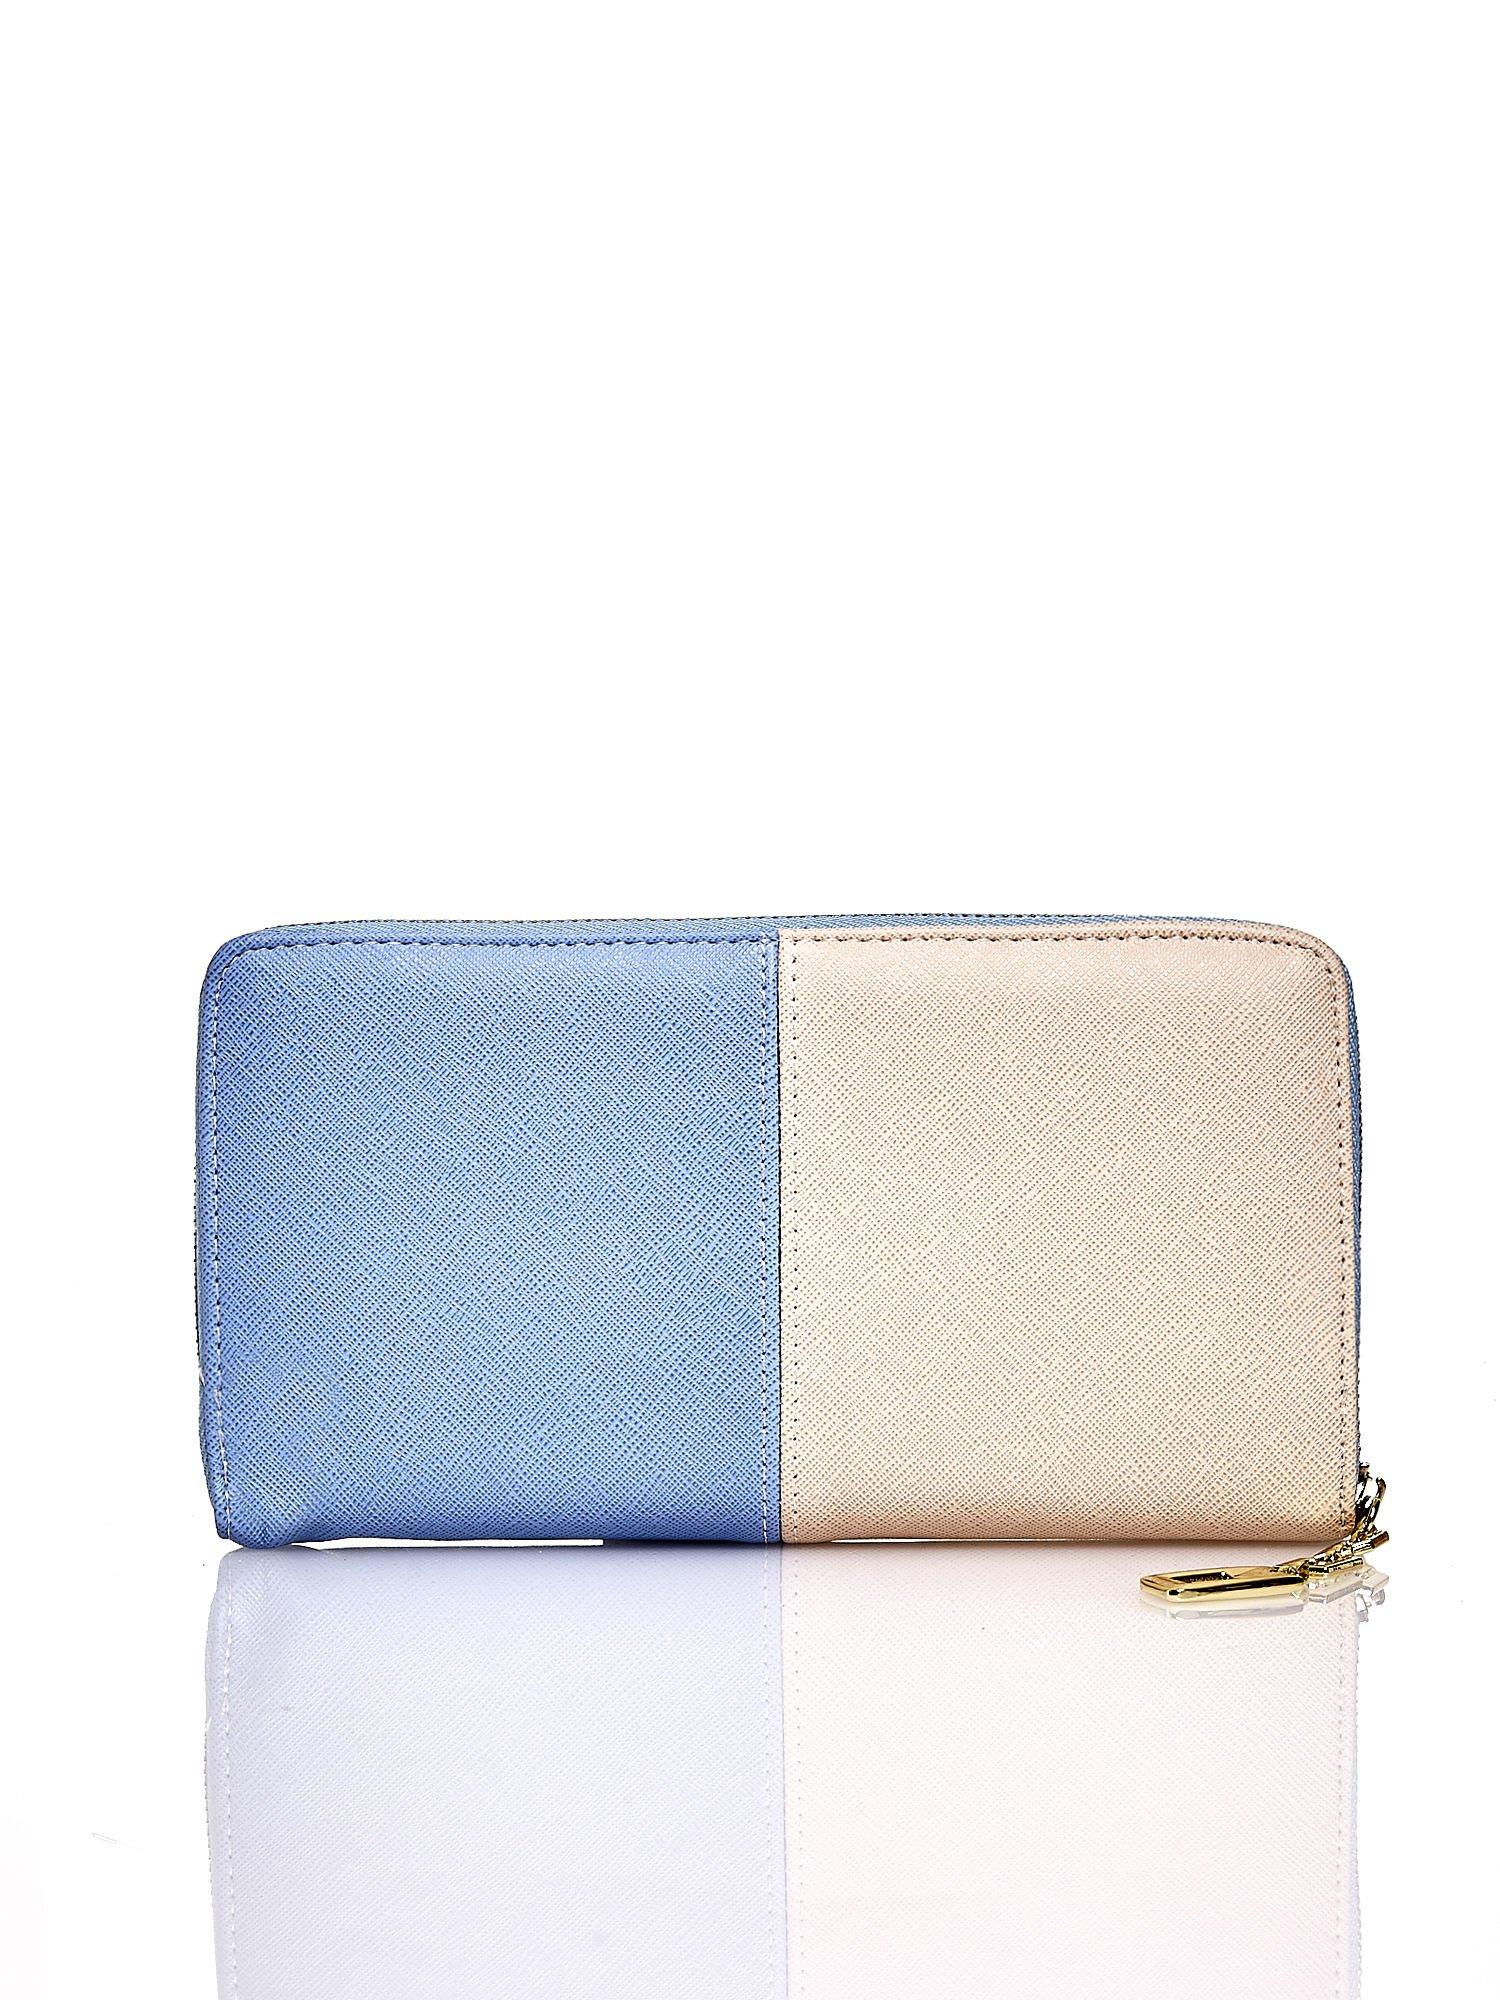 Niebieski portfel two tone z uchwytem                                  zdj.                                  2